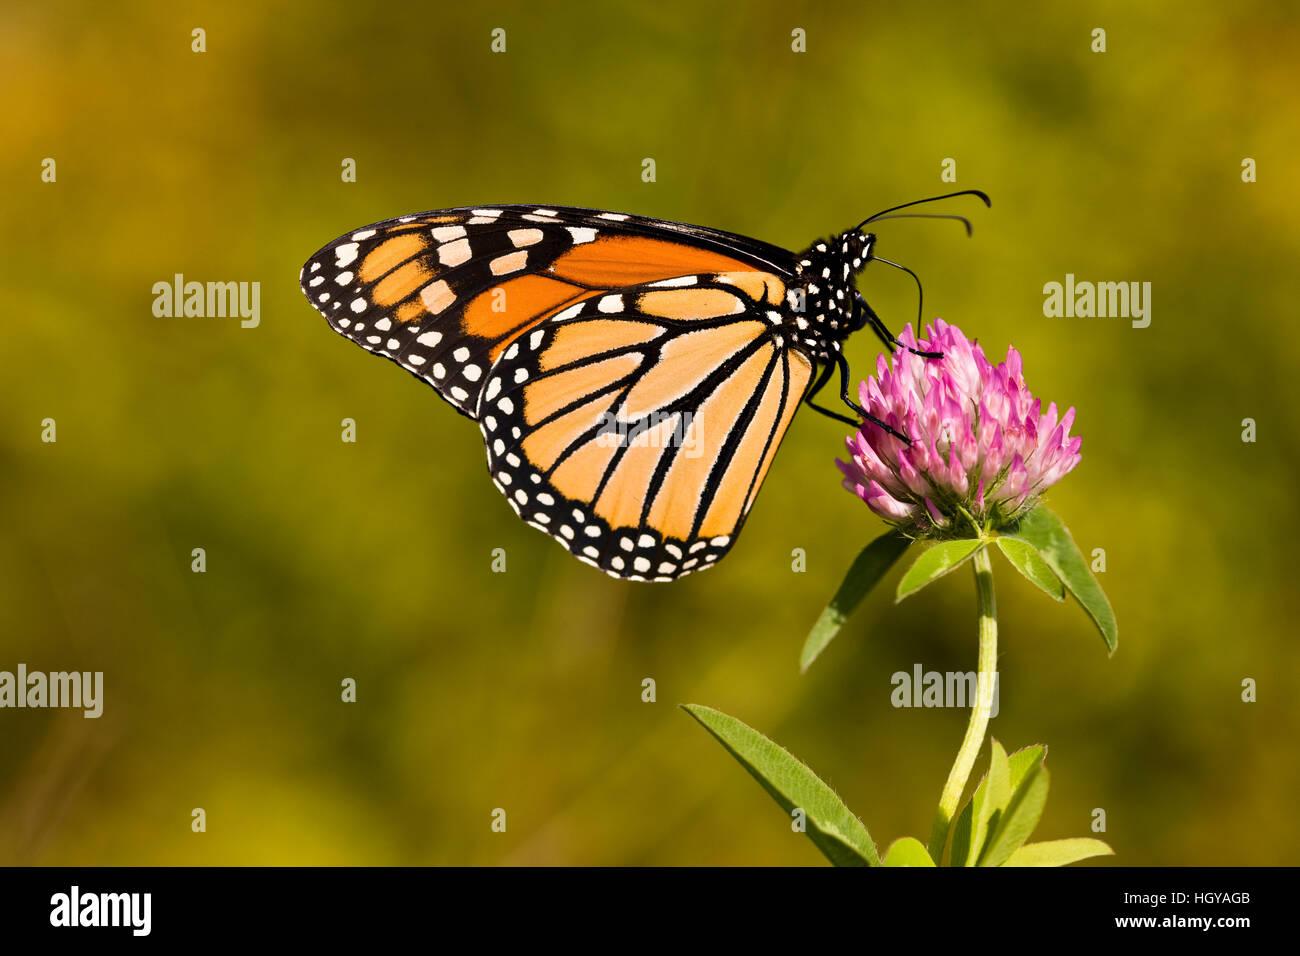 Una mariposa monarca, Danaus plexippus, en trébol en Grafton, Massachusetts. Imagen De Stock